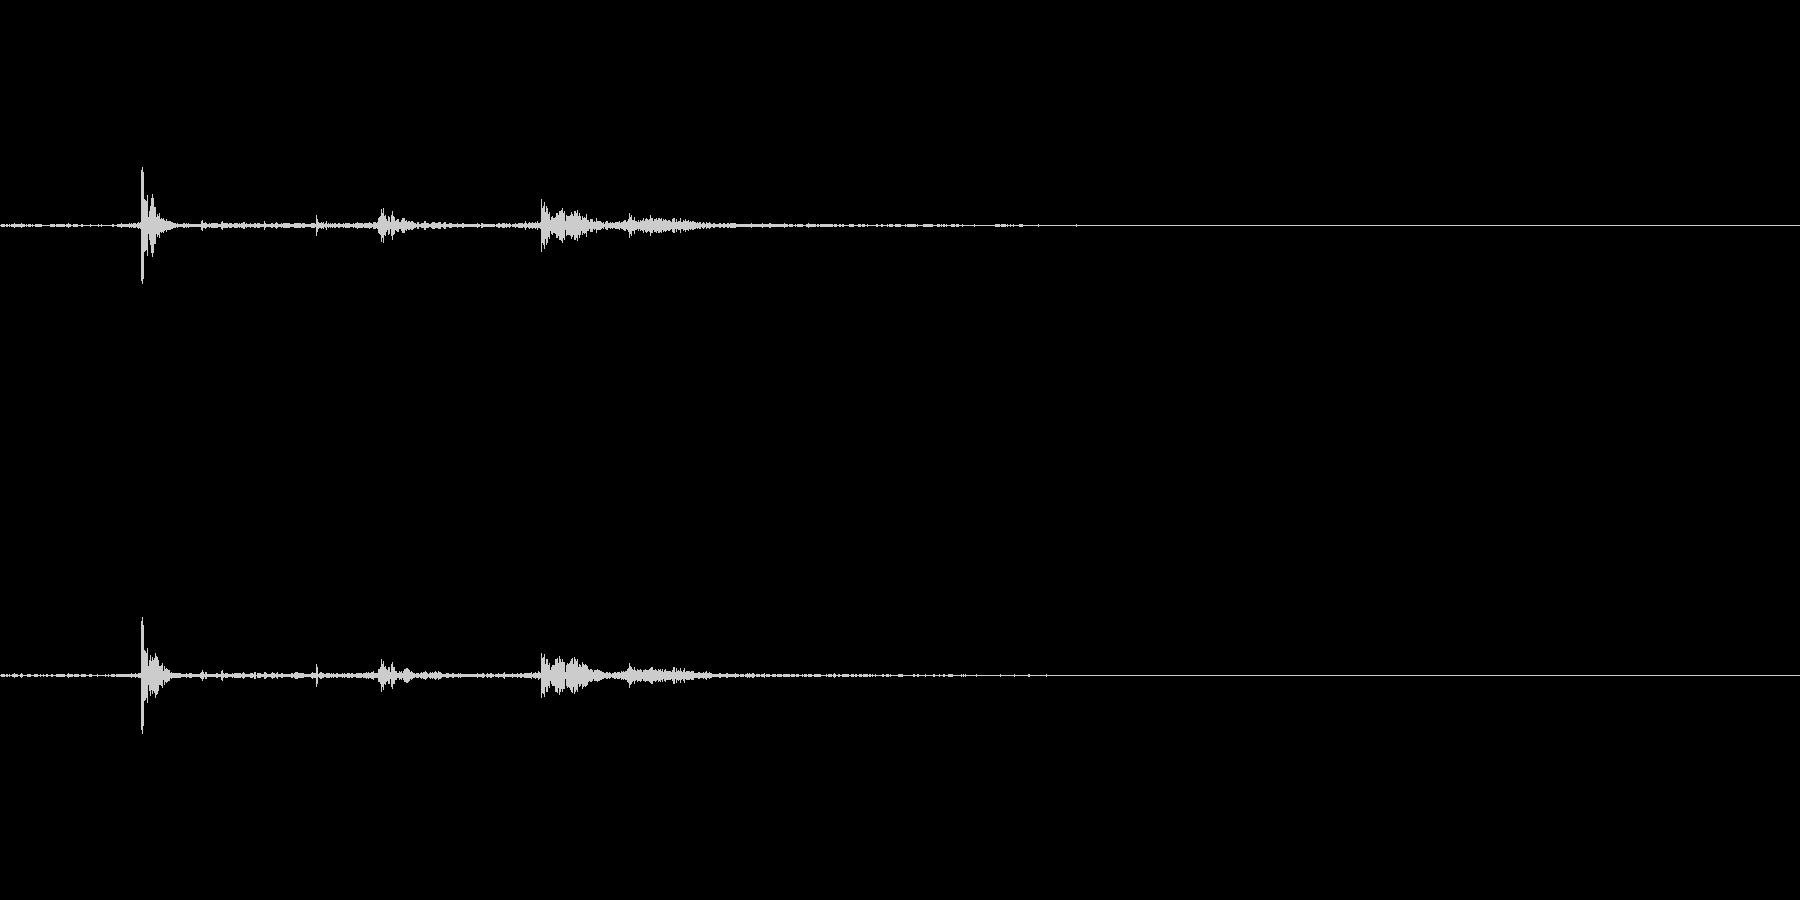 つまずく・慌てる(物音)の未再生の波形